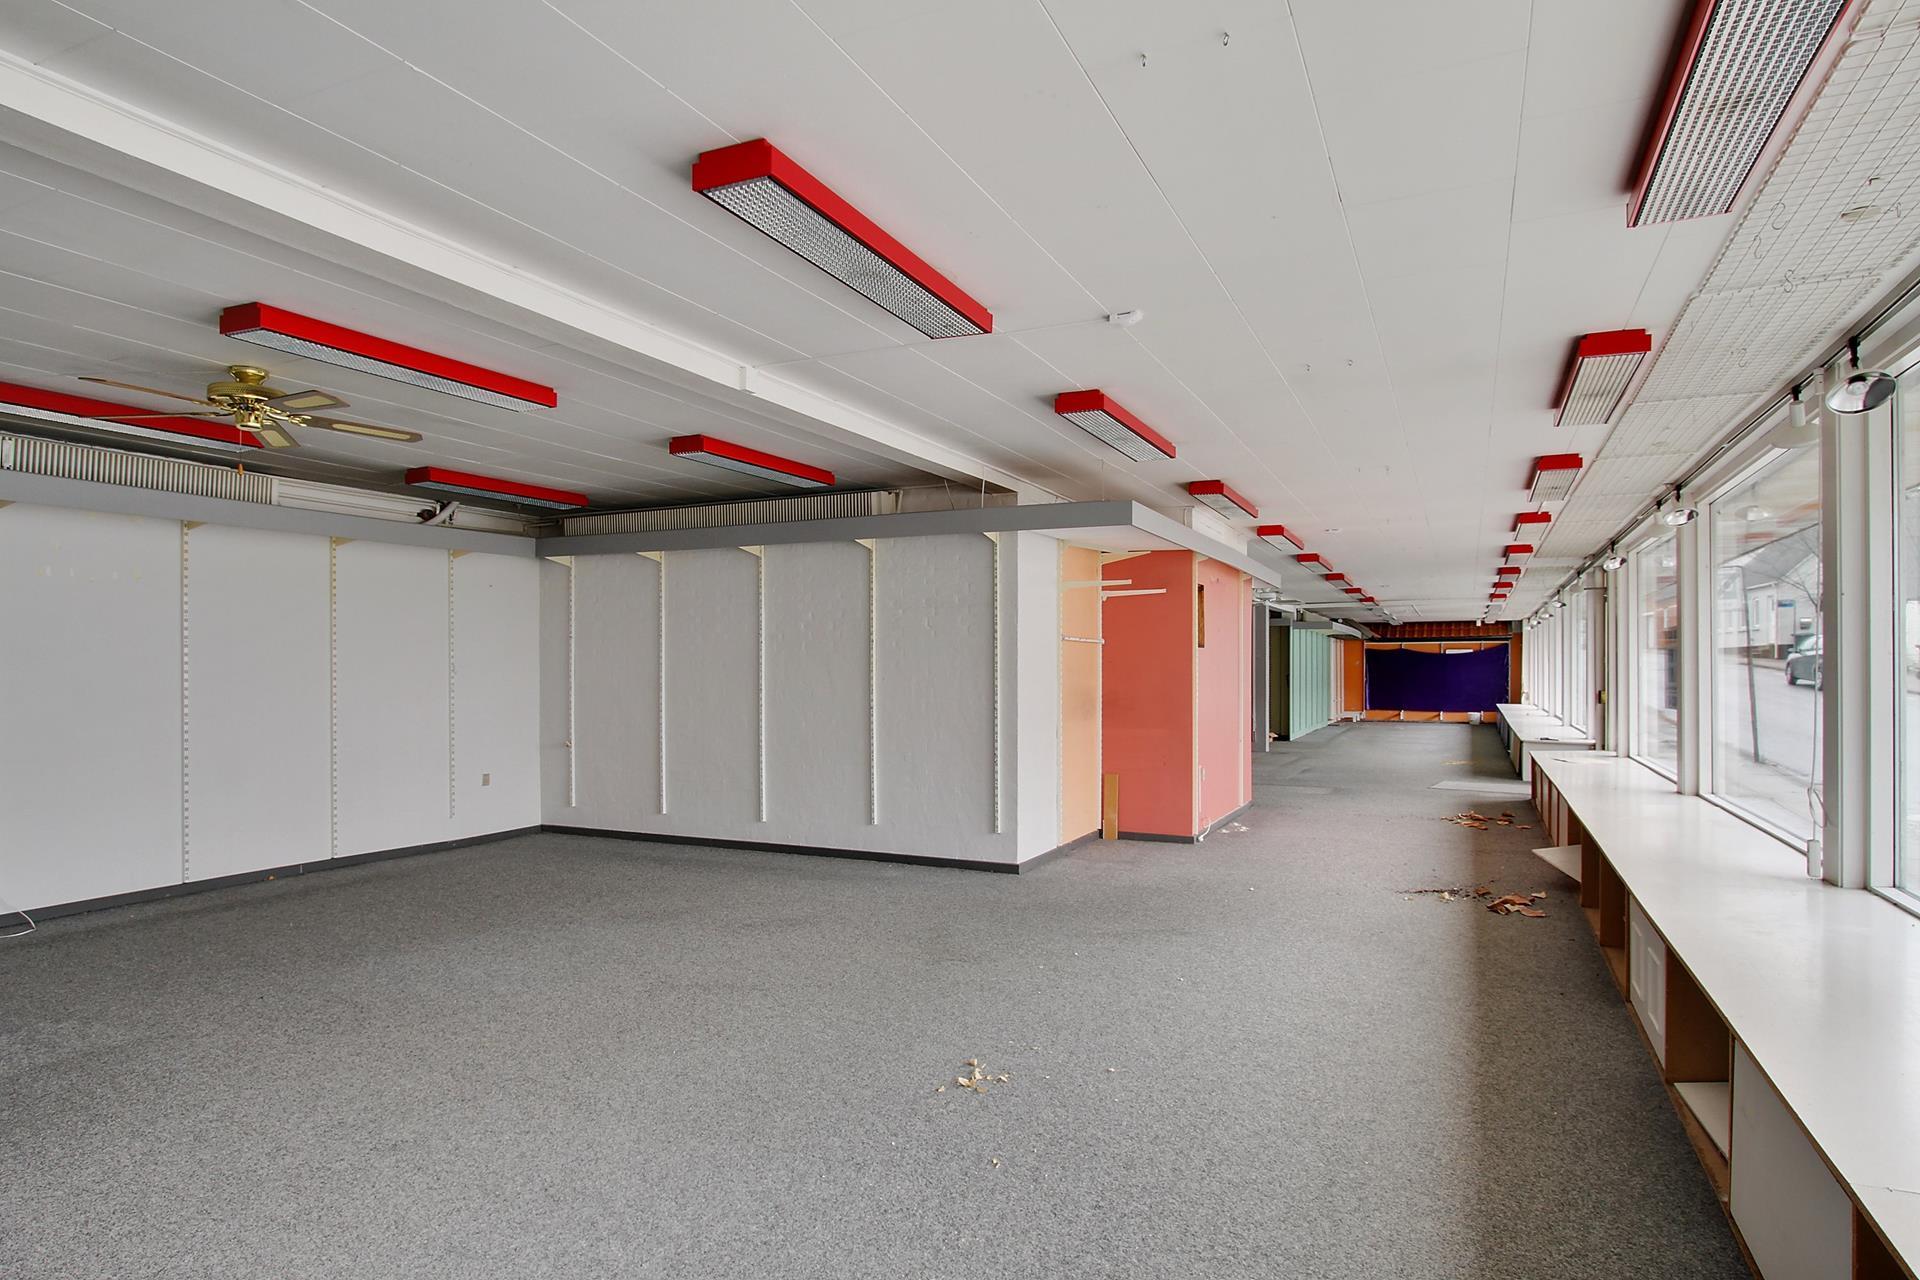 Bolig/erhverv på Østergade i Hadsund - Forretningslokale